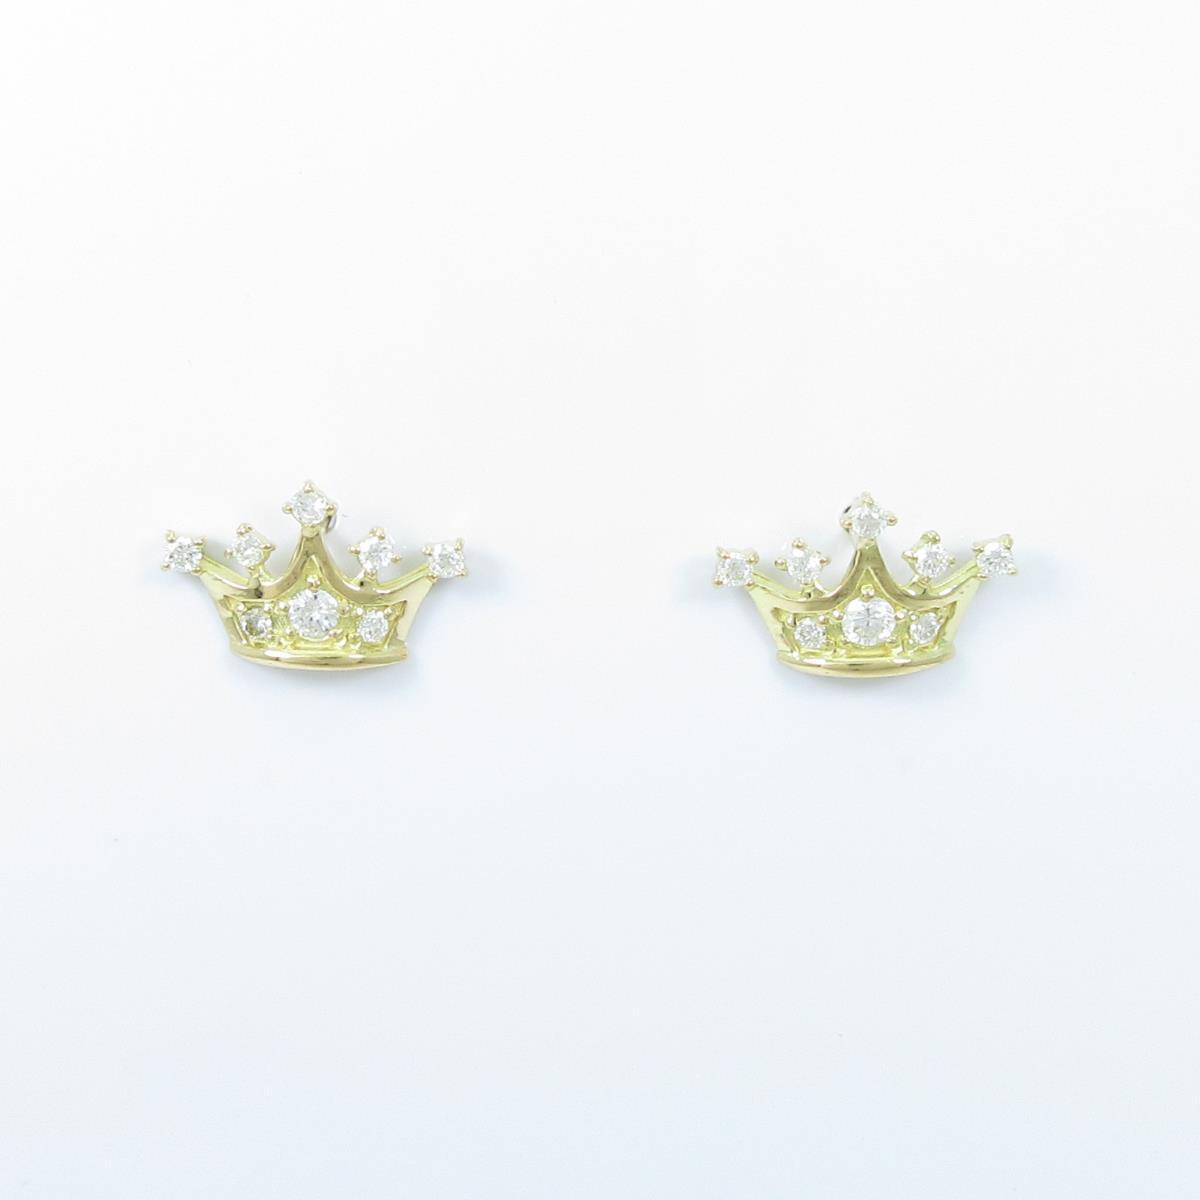 【リメイク】K18YG クラウン ダイヤモンドピアス【中古】